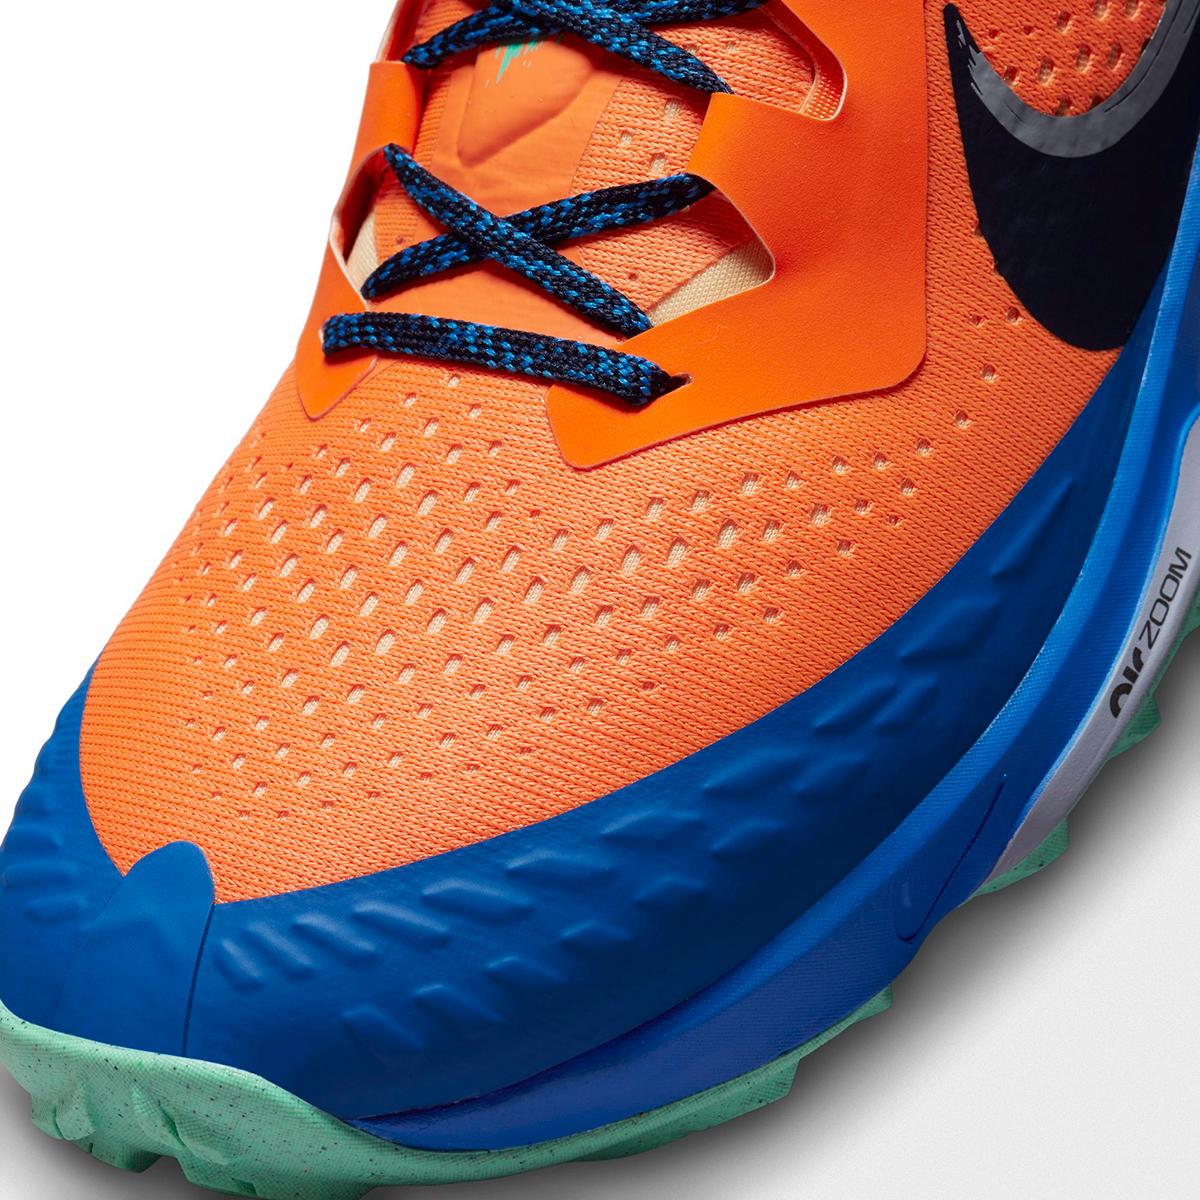 Men's Nike Air Zoom Terra Kiger 7 Trail Running Shoe - Color: Total Orange/Obsidian/Signal Blue - Size: 6 - Width: Regular, Total Orange/Obsidian/Signal Blue, large, image 4